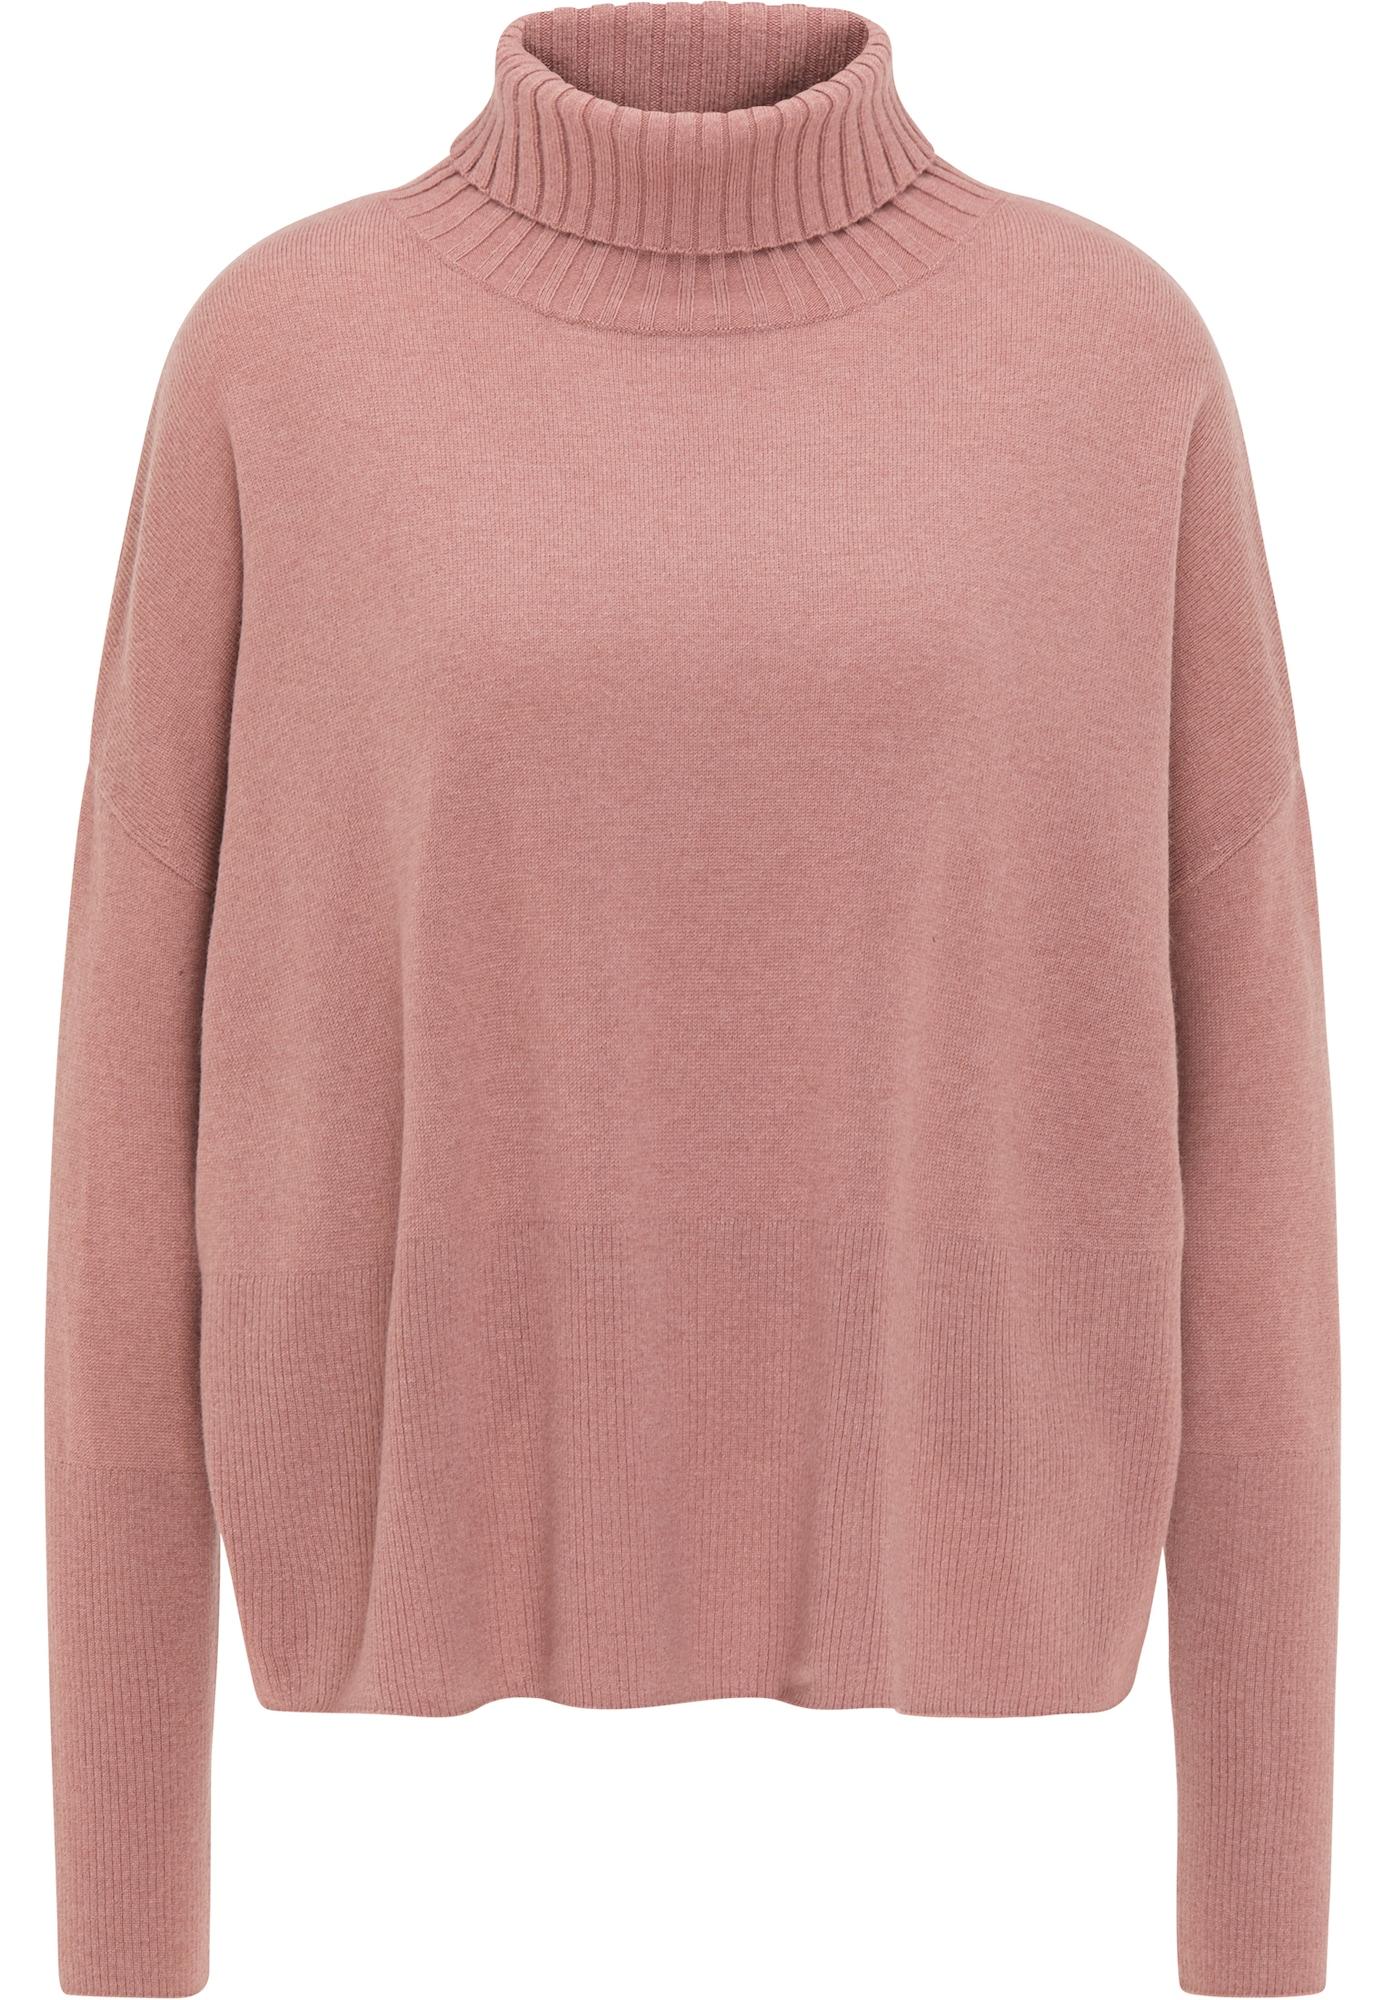 usha BLACK LABEL Laisvas megztinis ryškiai rožinė spalva